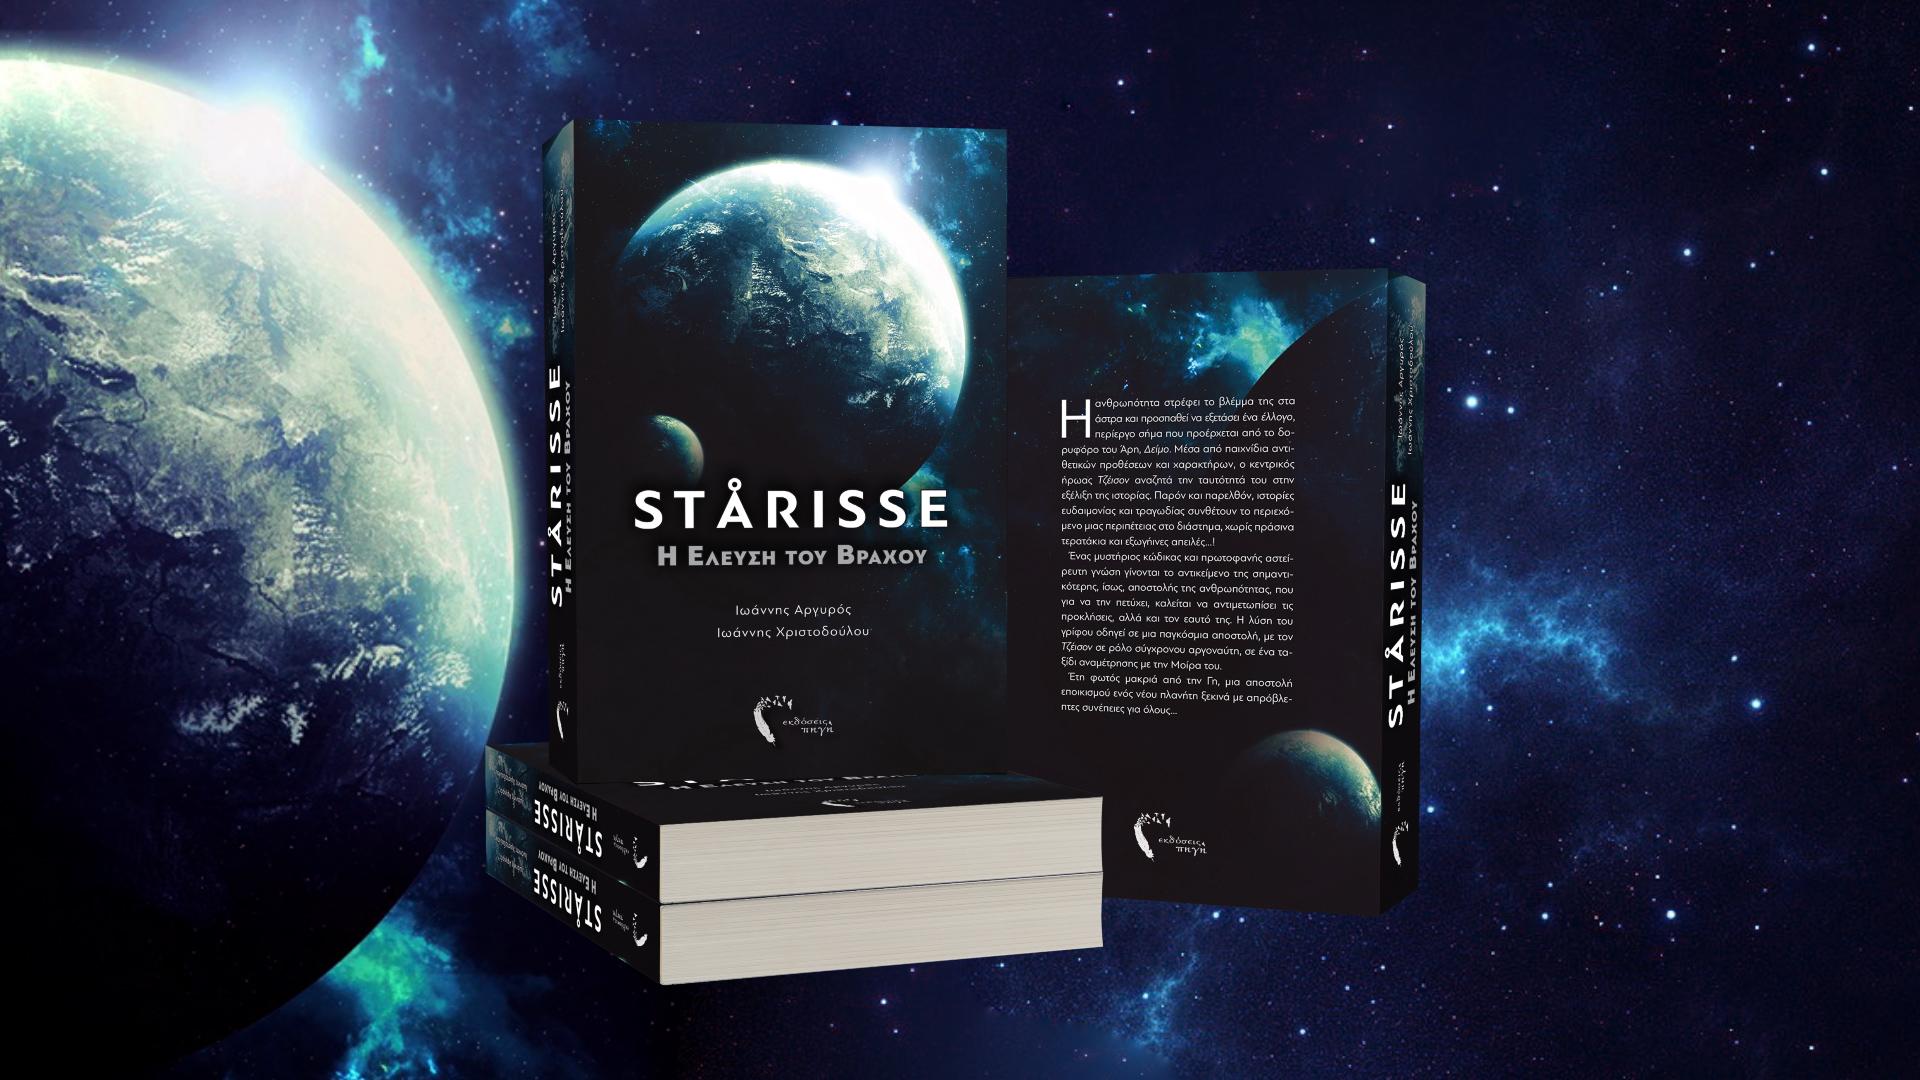 STARISSE εκδόσεις ΠΗΓΗ 2016